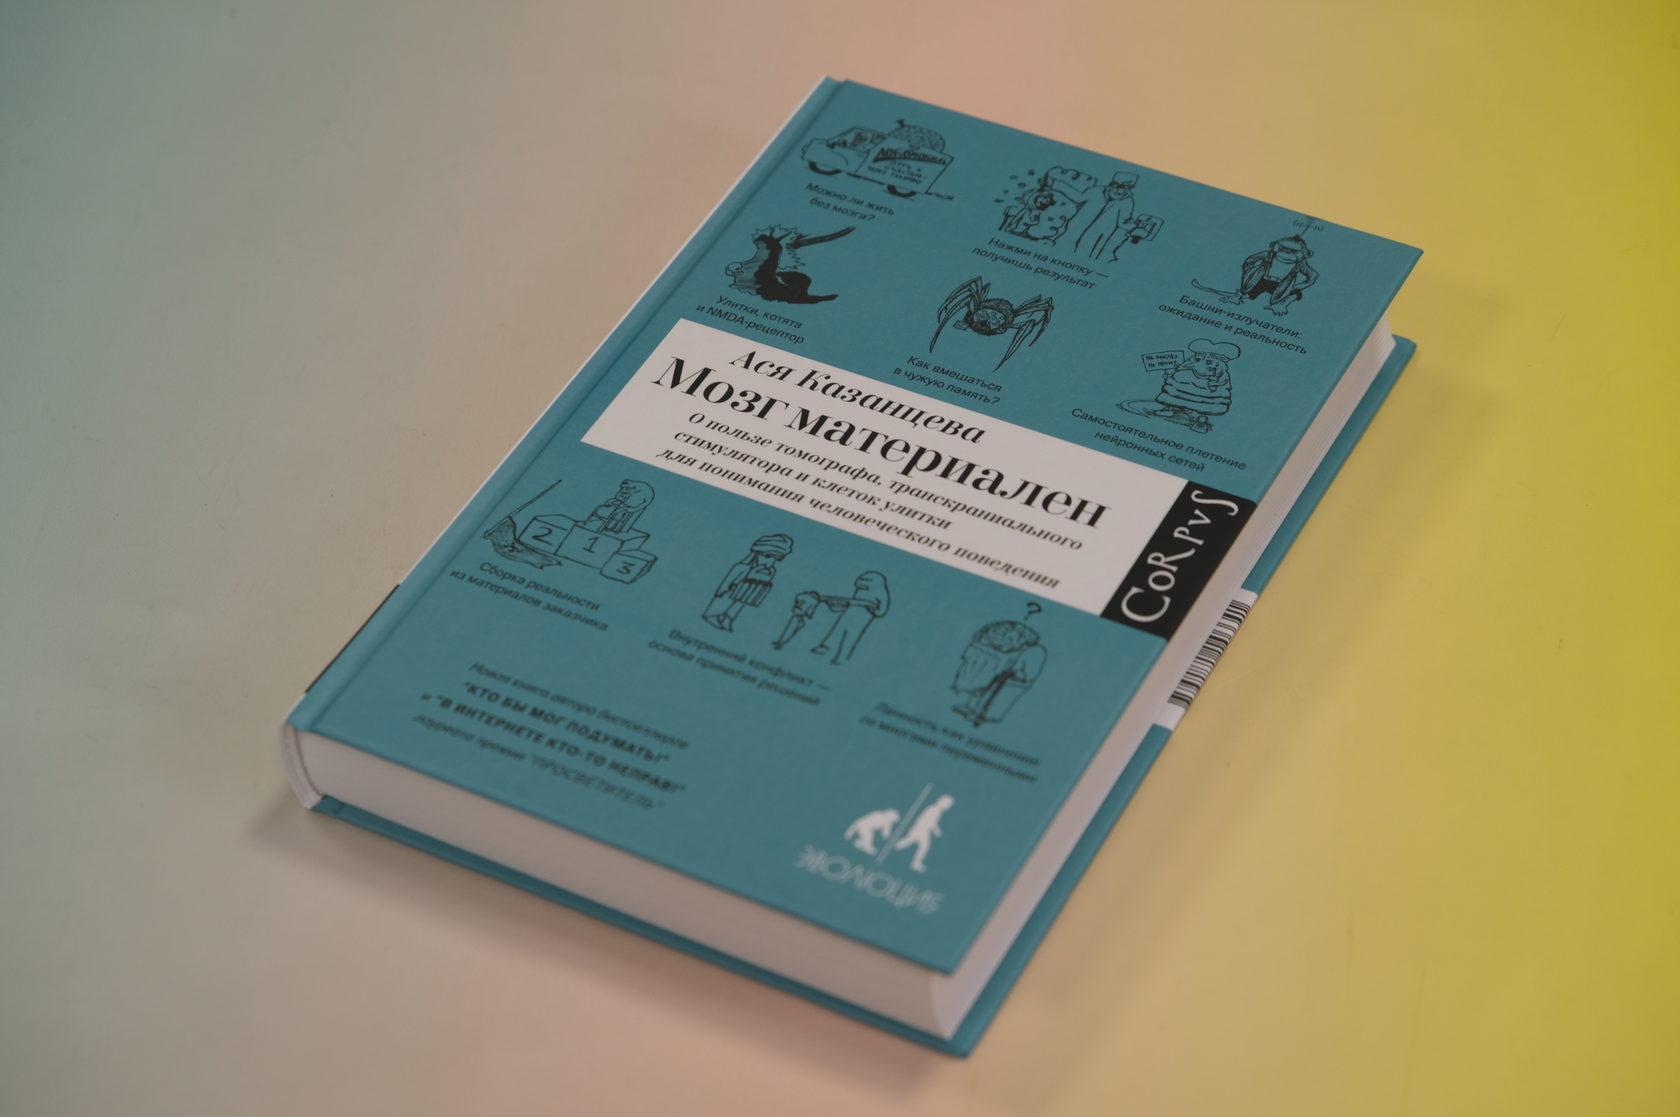 Купить книгу Ася Казанцева «Мозг материален» 978-5-17-114664-1